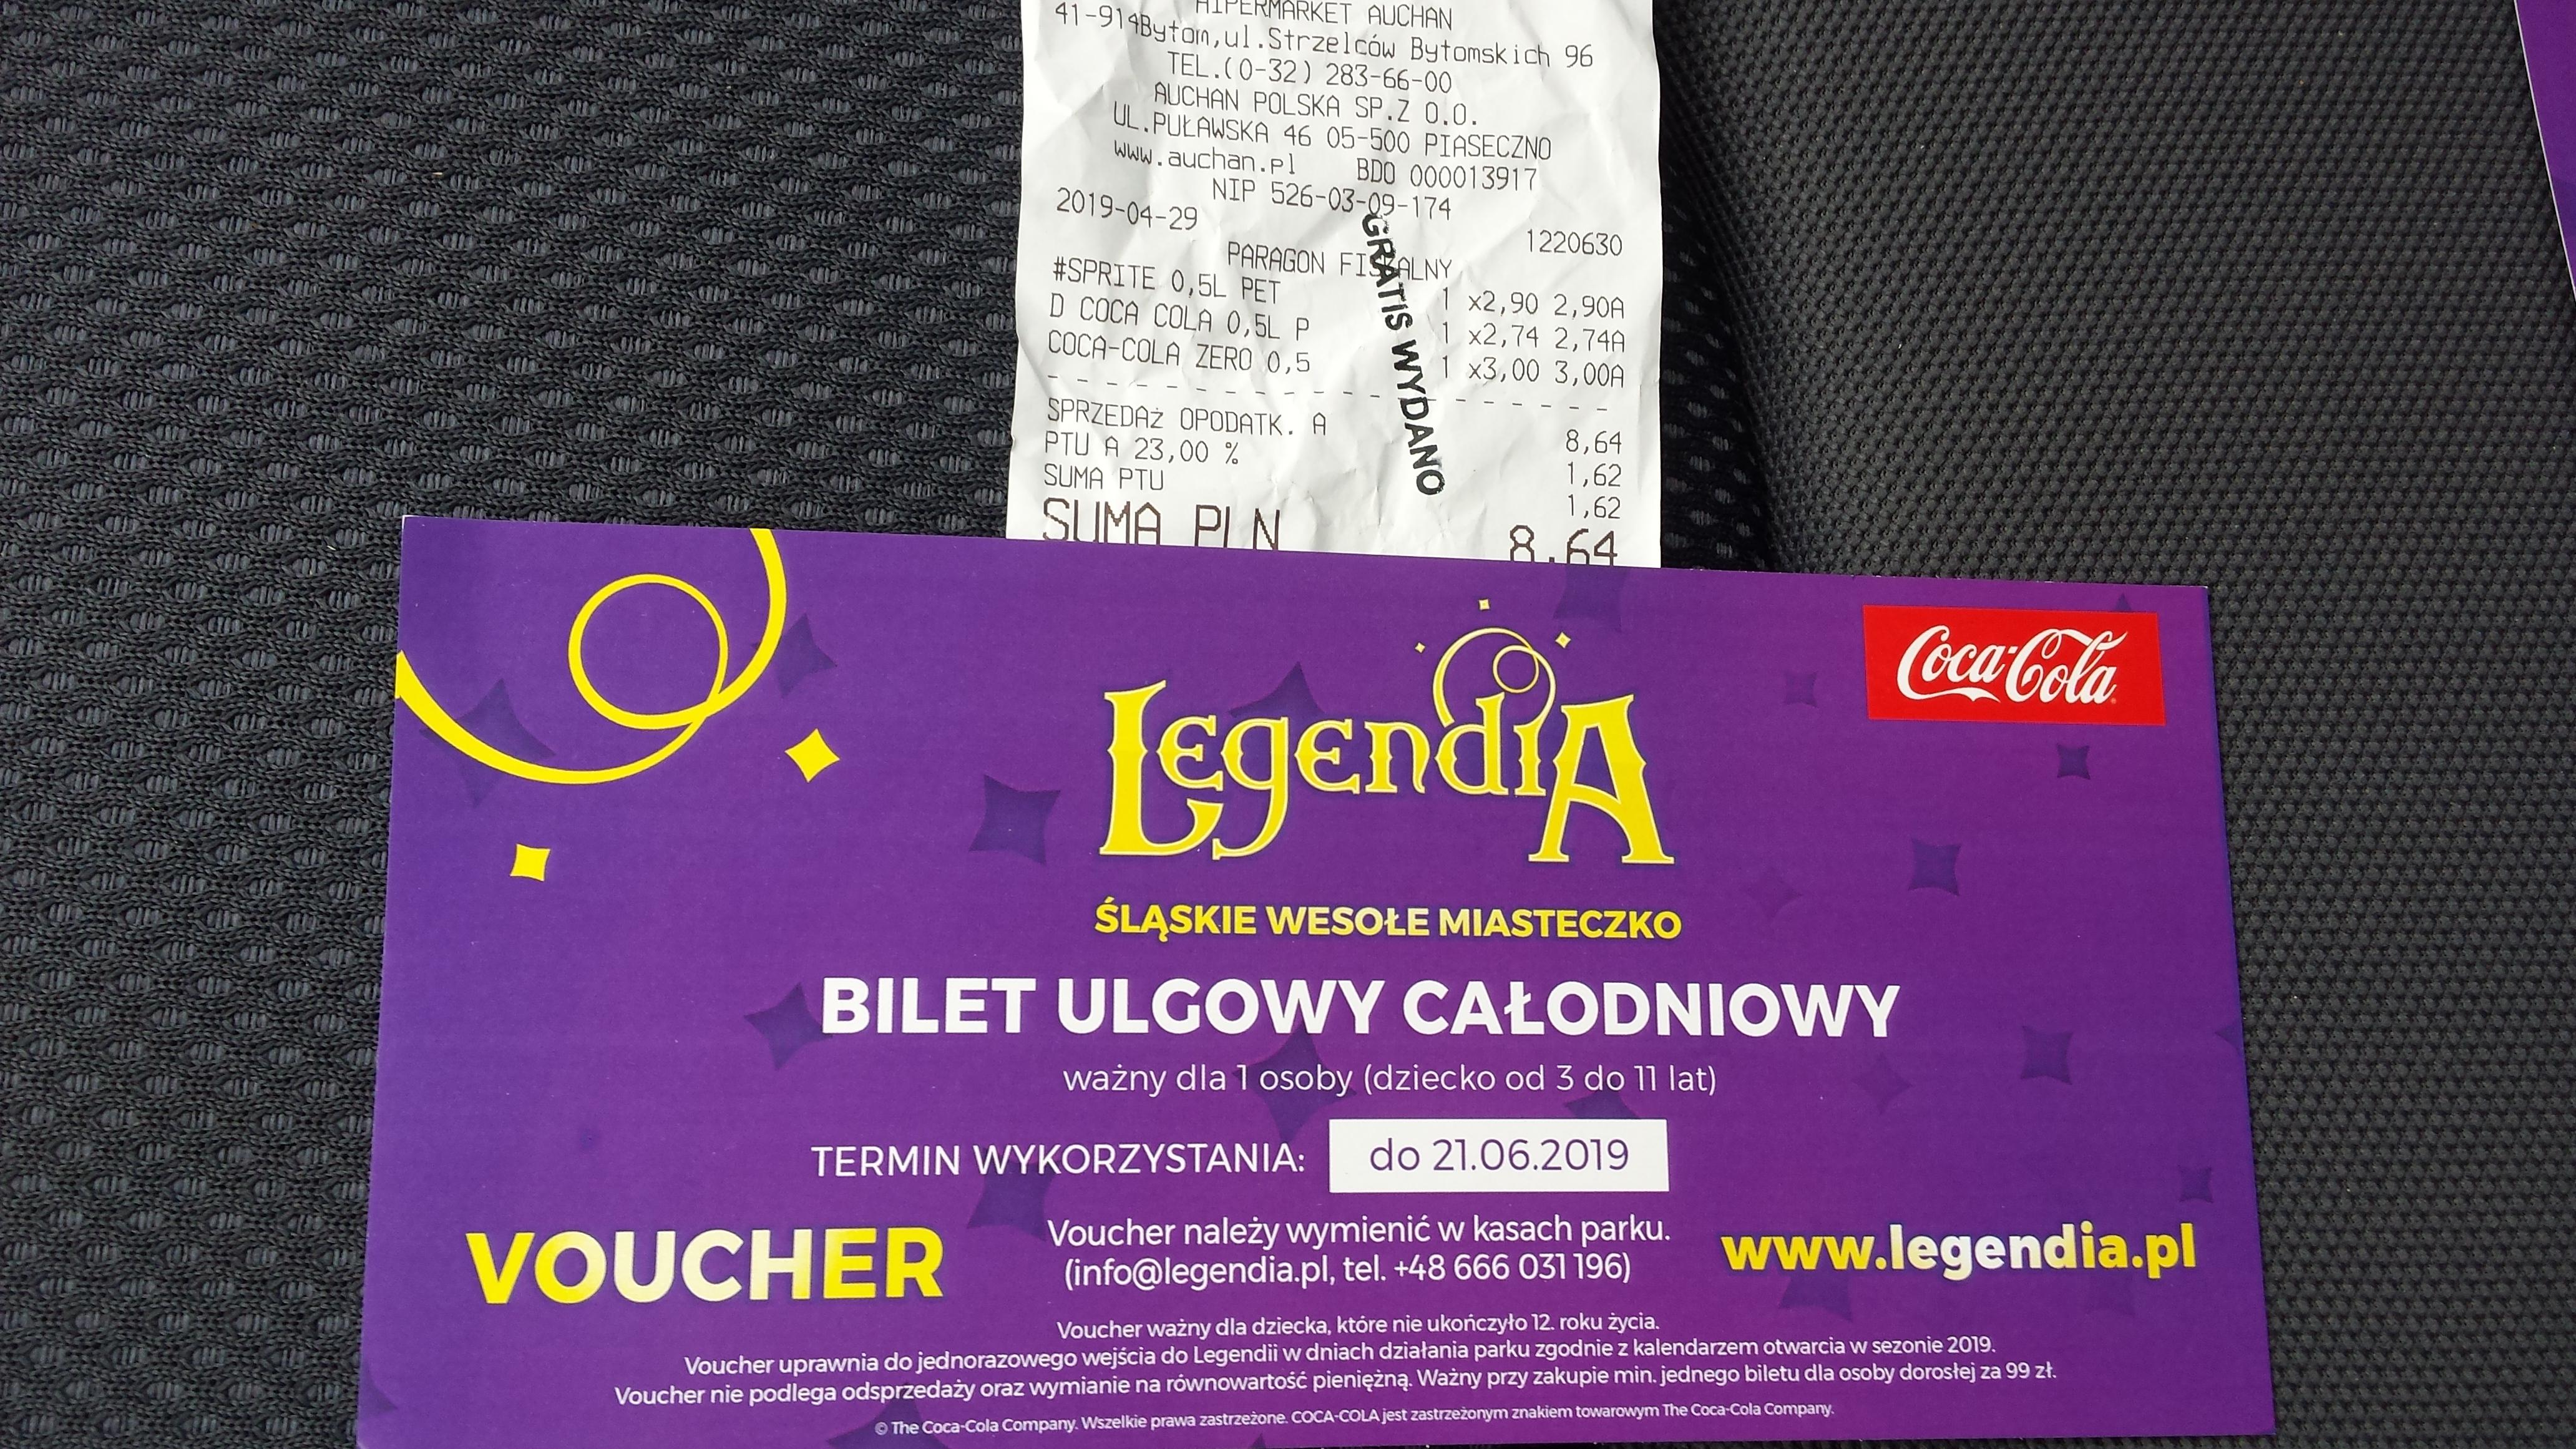 Voucher Legendia przy zakupie dowolnych 3szt. 0.5l napojów od Coca-Cola w M1 Auchan Bytom